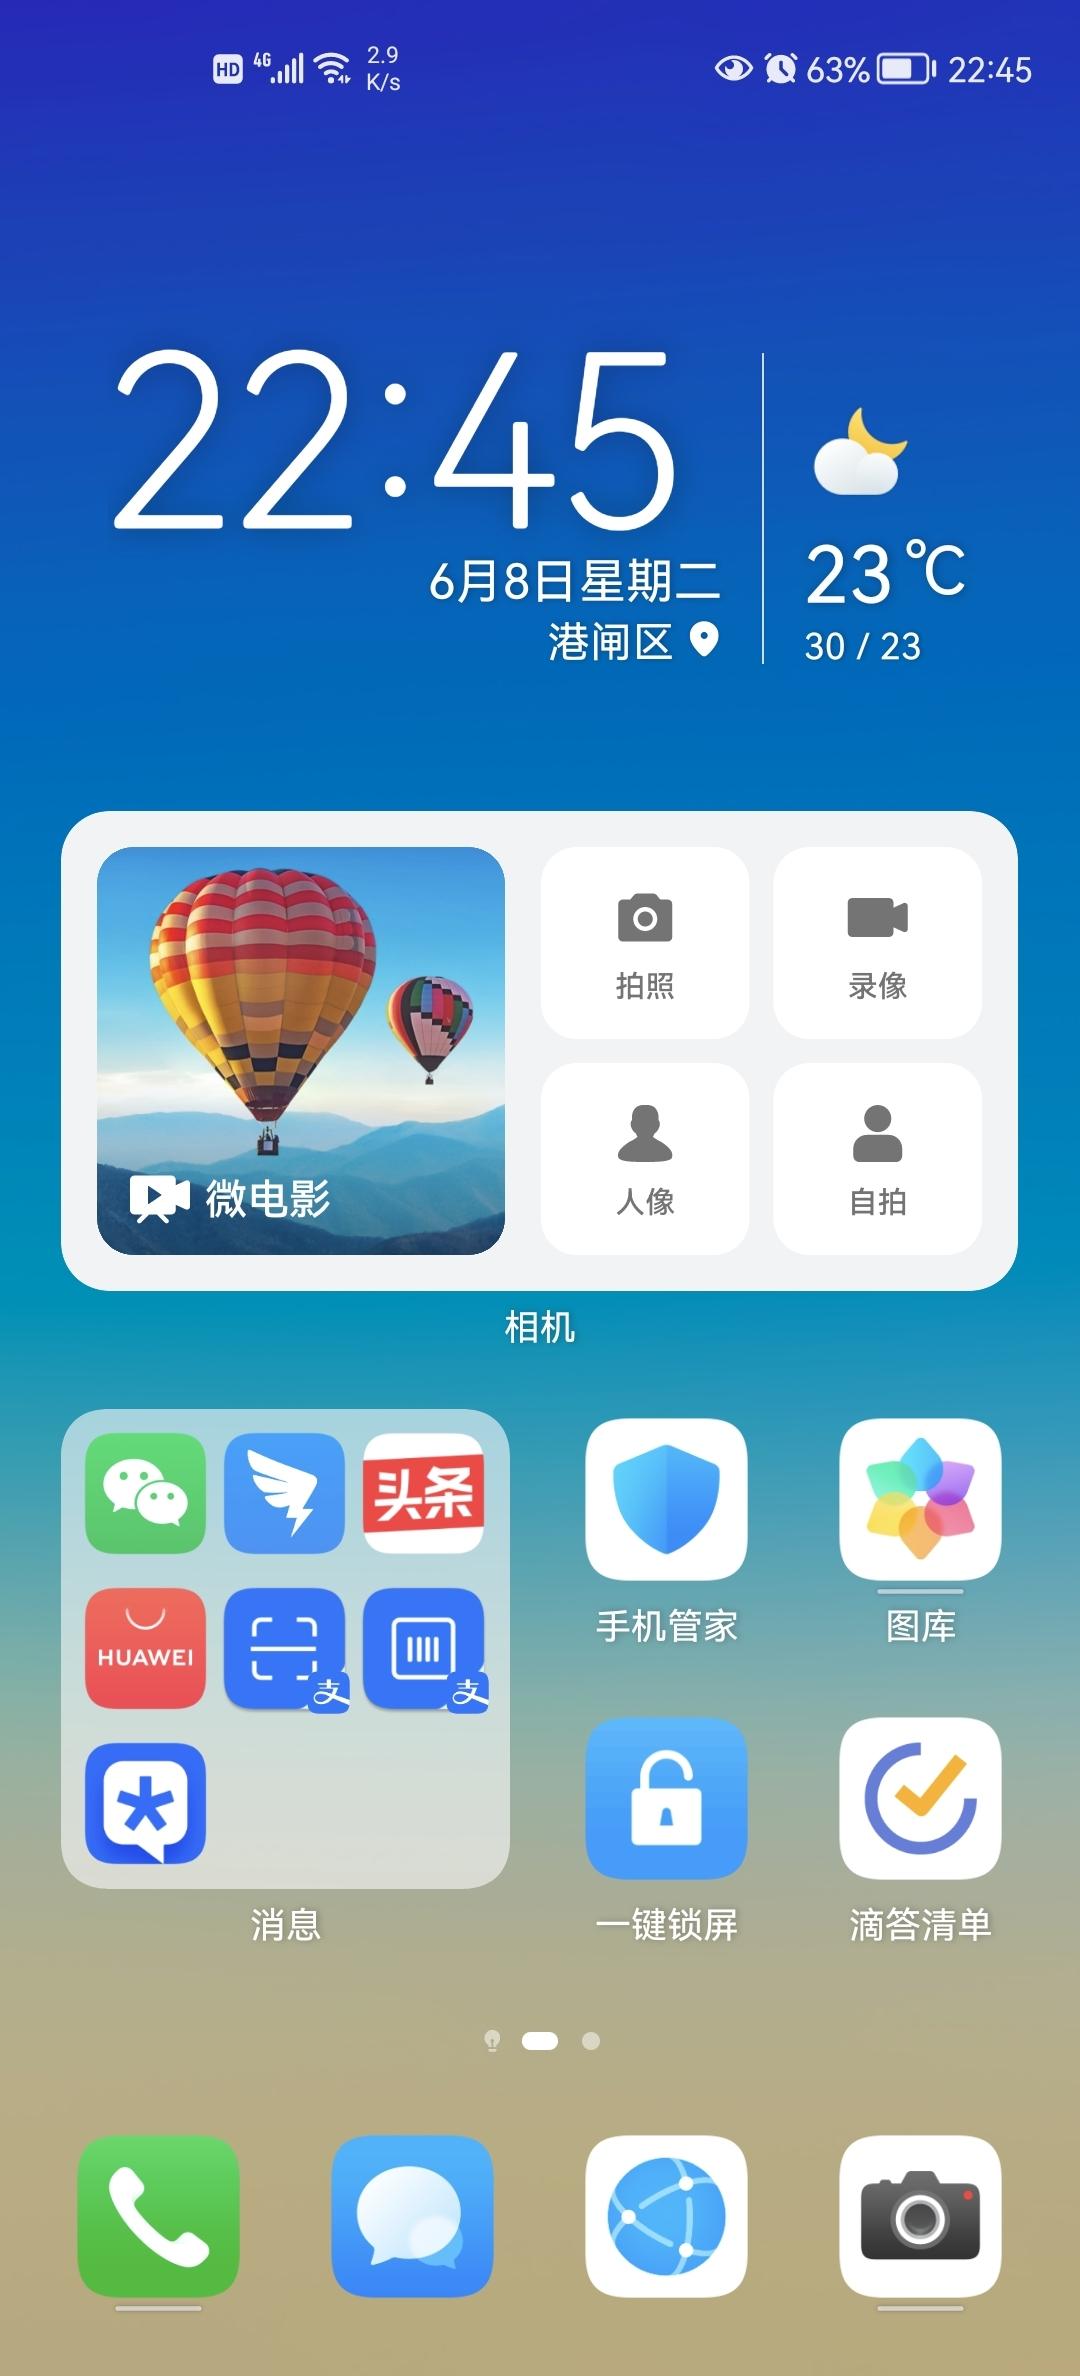 Screenshot_20210608_224539_com.huawei.android.launcher.jpg